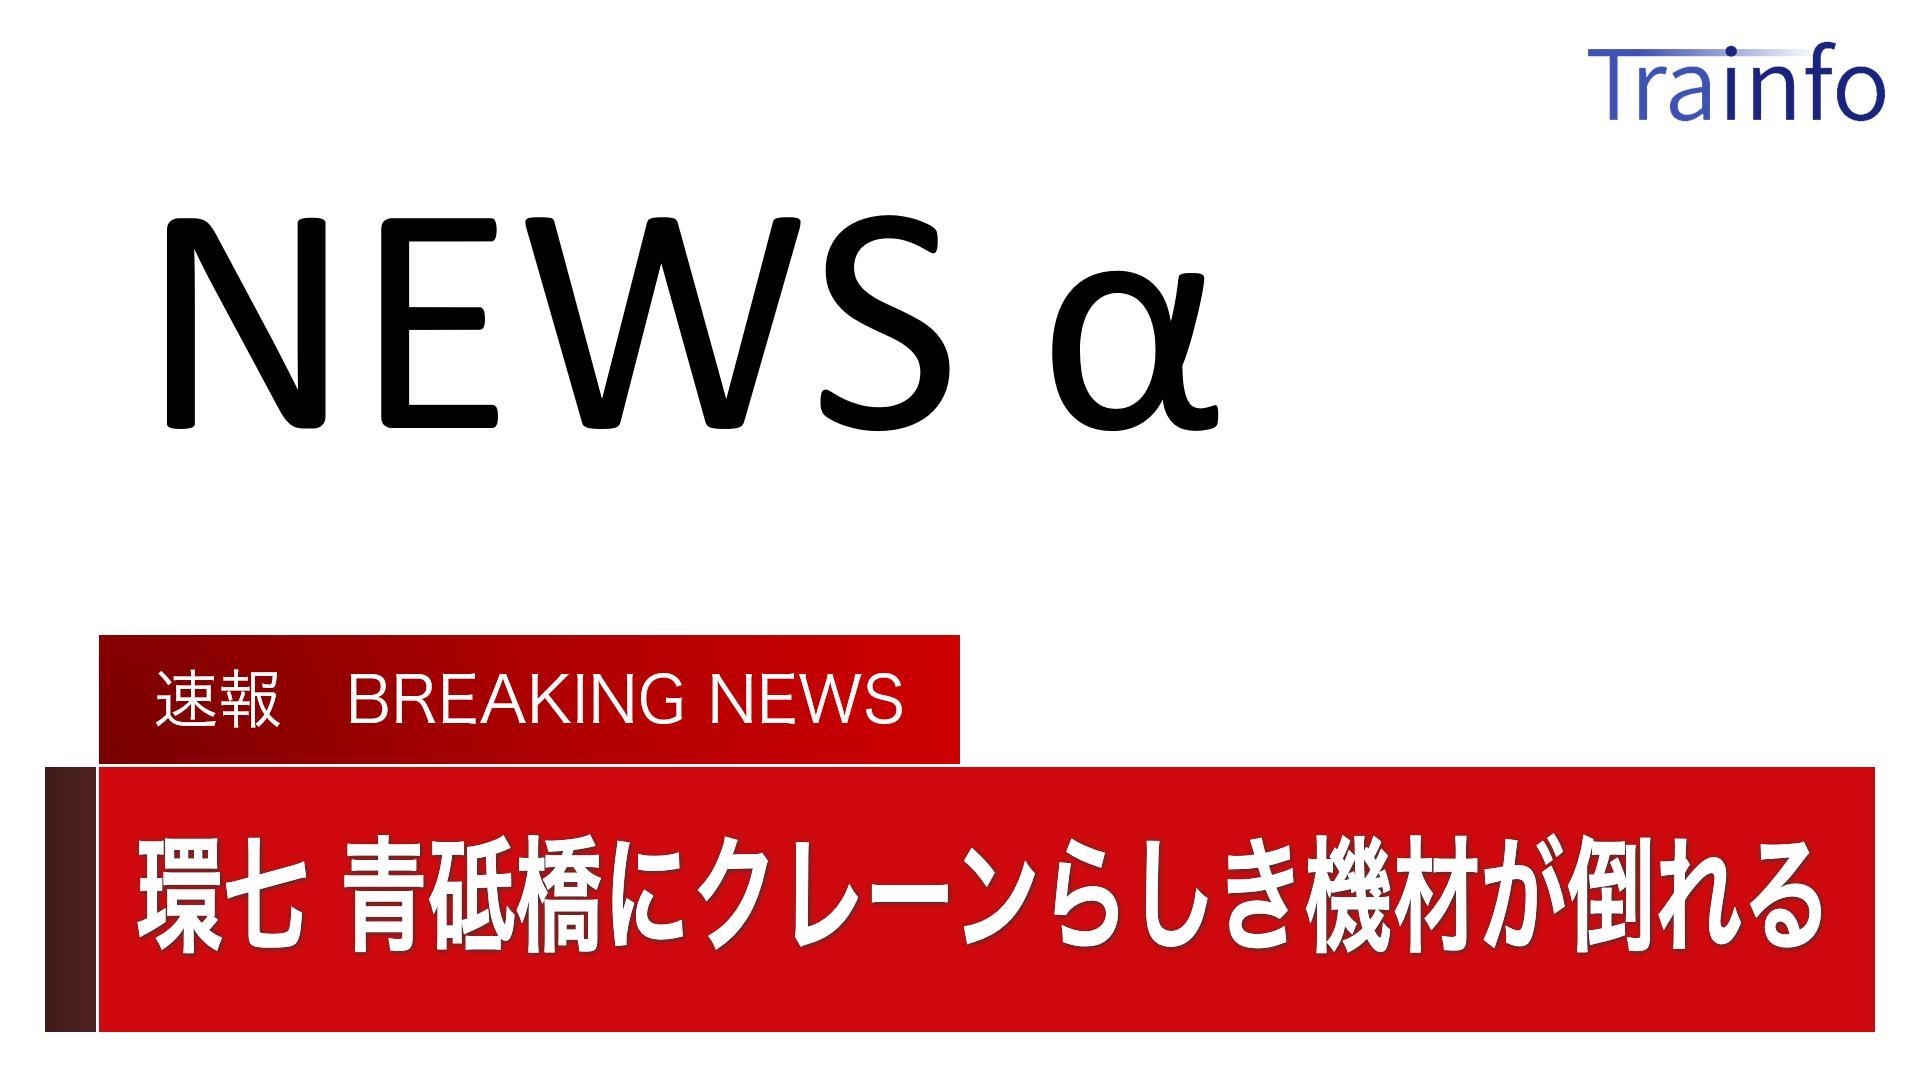 画像,■ TNN NEWS 速報 ■9日18時半すぎ、東京都葛飾区にある環状七号線の青砥橋で、川に浮かぶ河川工事に関わる機材が倒れる事故が発生しました。この影響で、青…